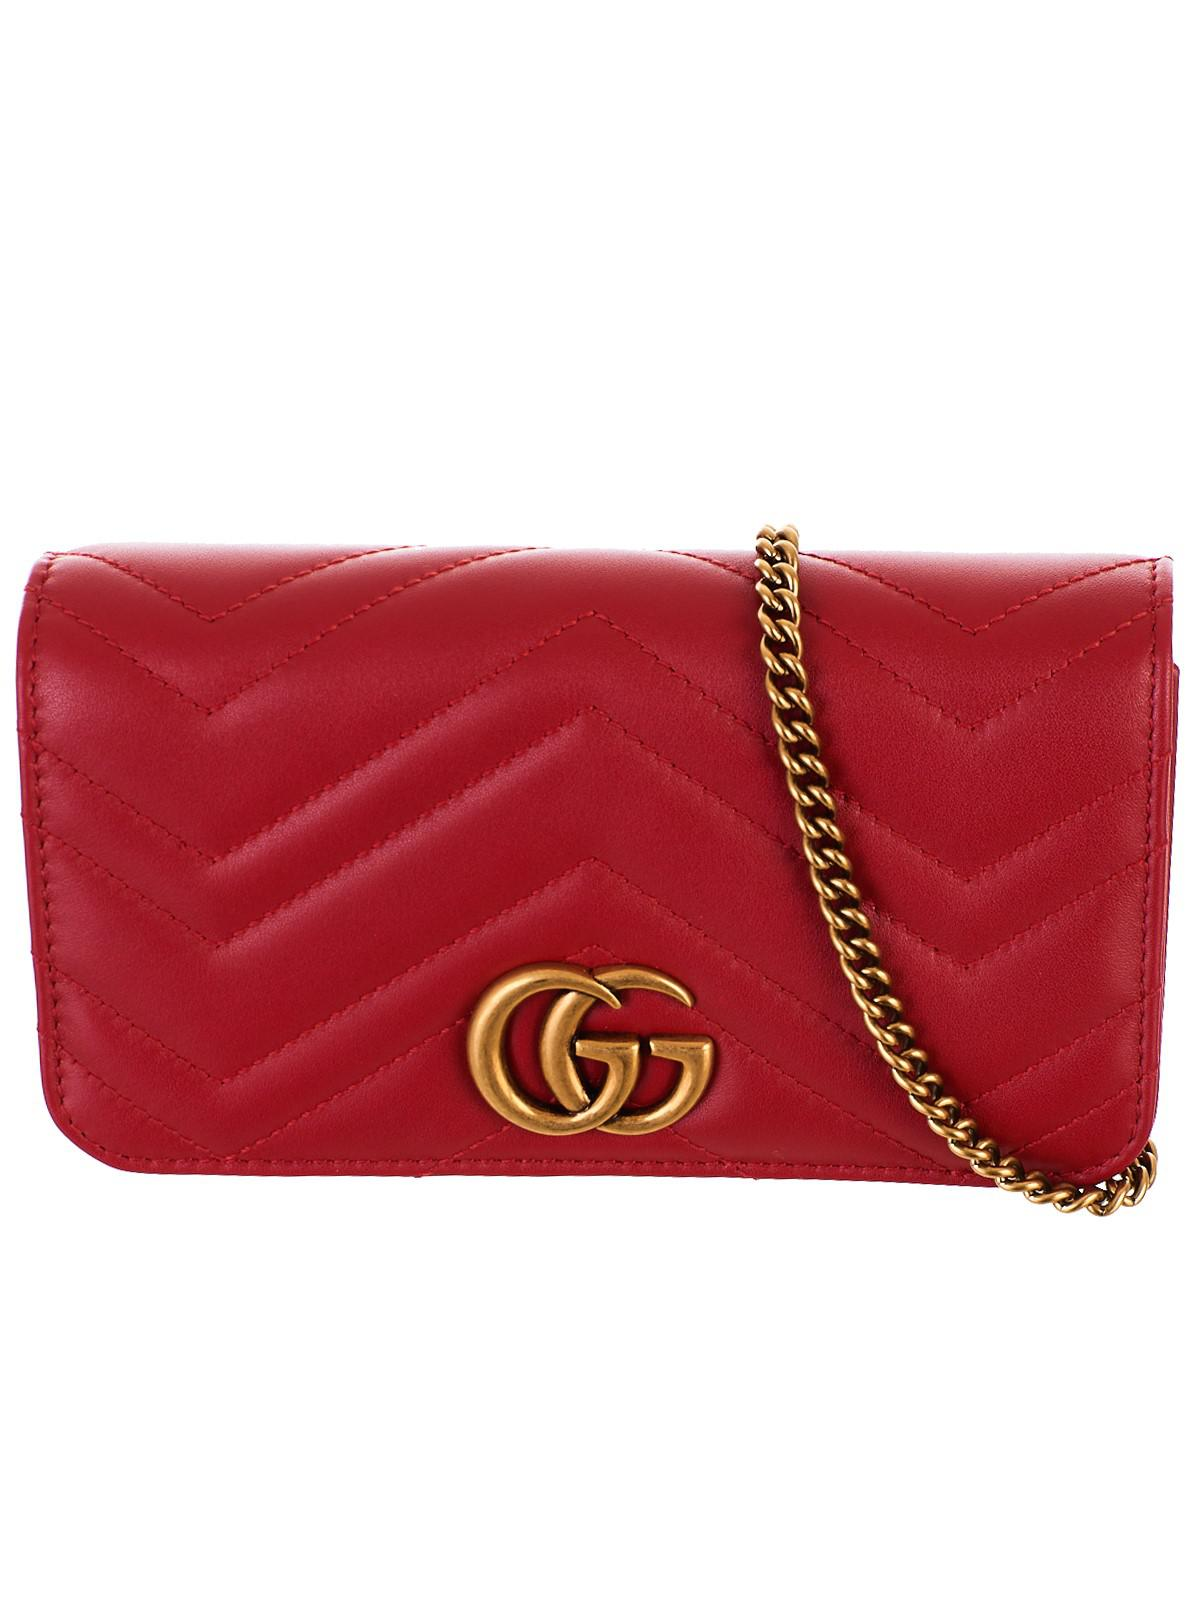 63f4557a3b6 Gucci Borsa Supermini GG Marmont Rossa in Red - Lyst